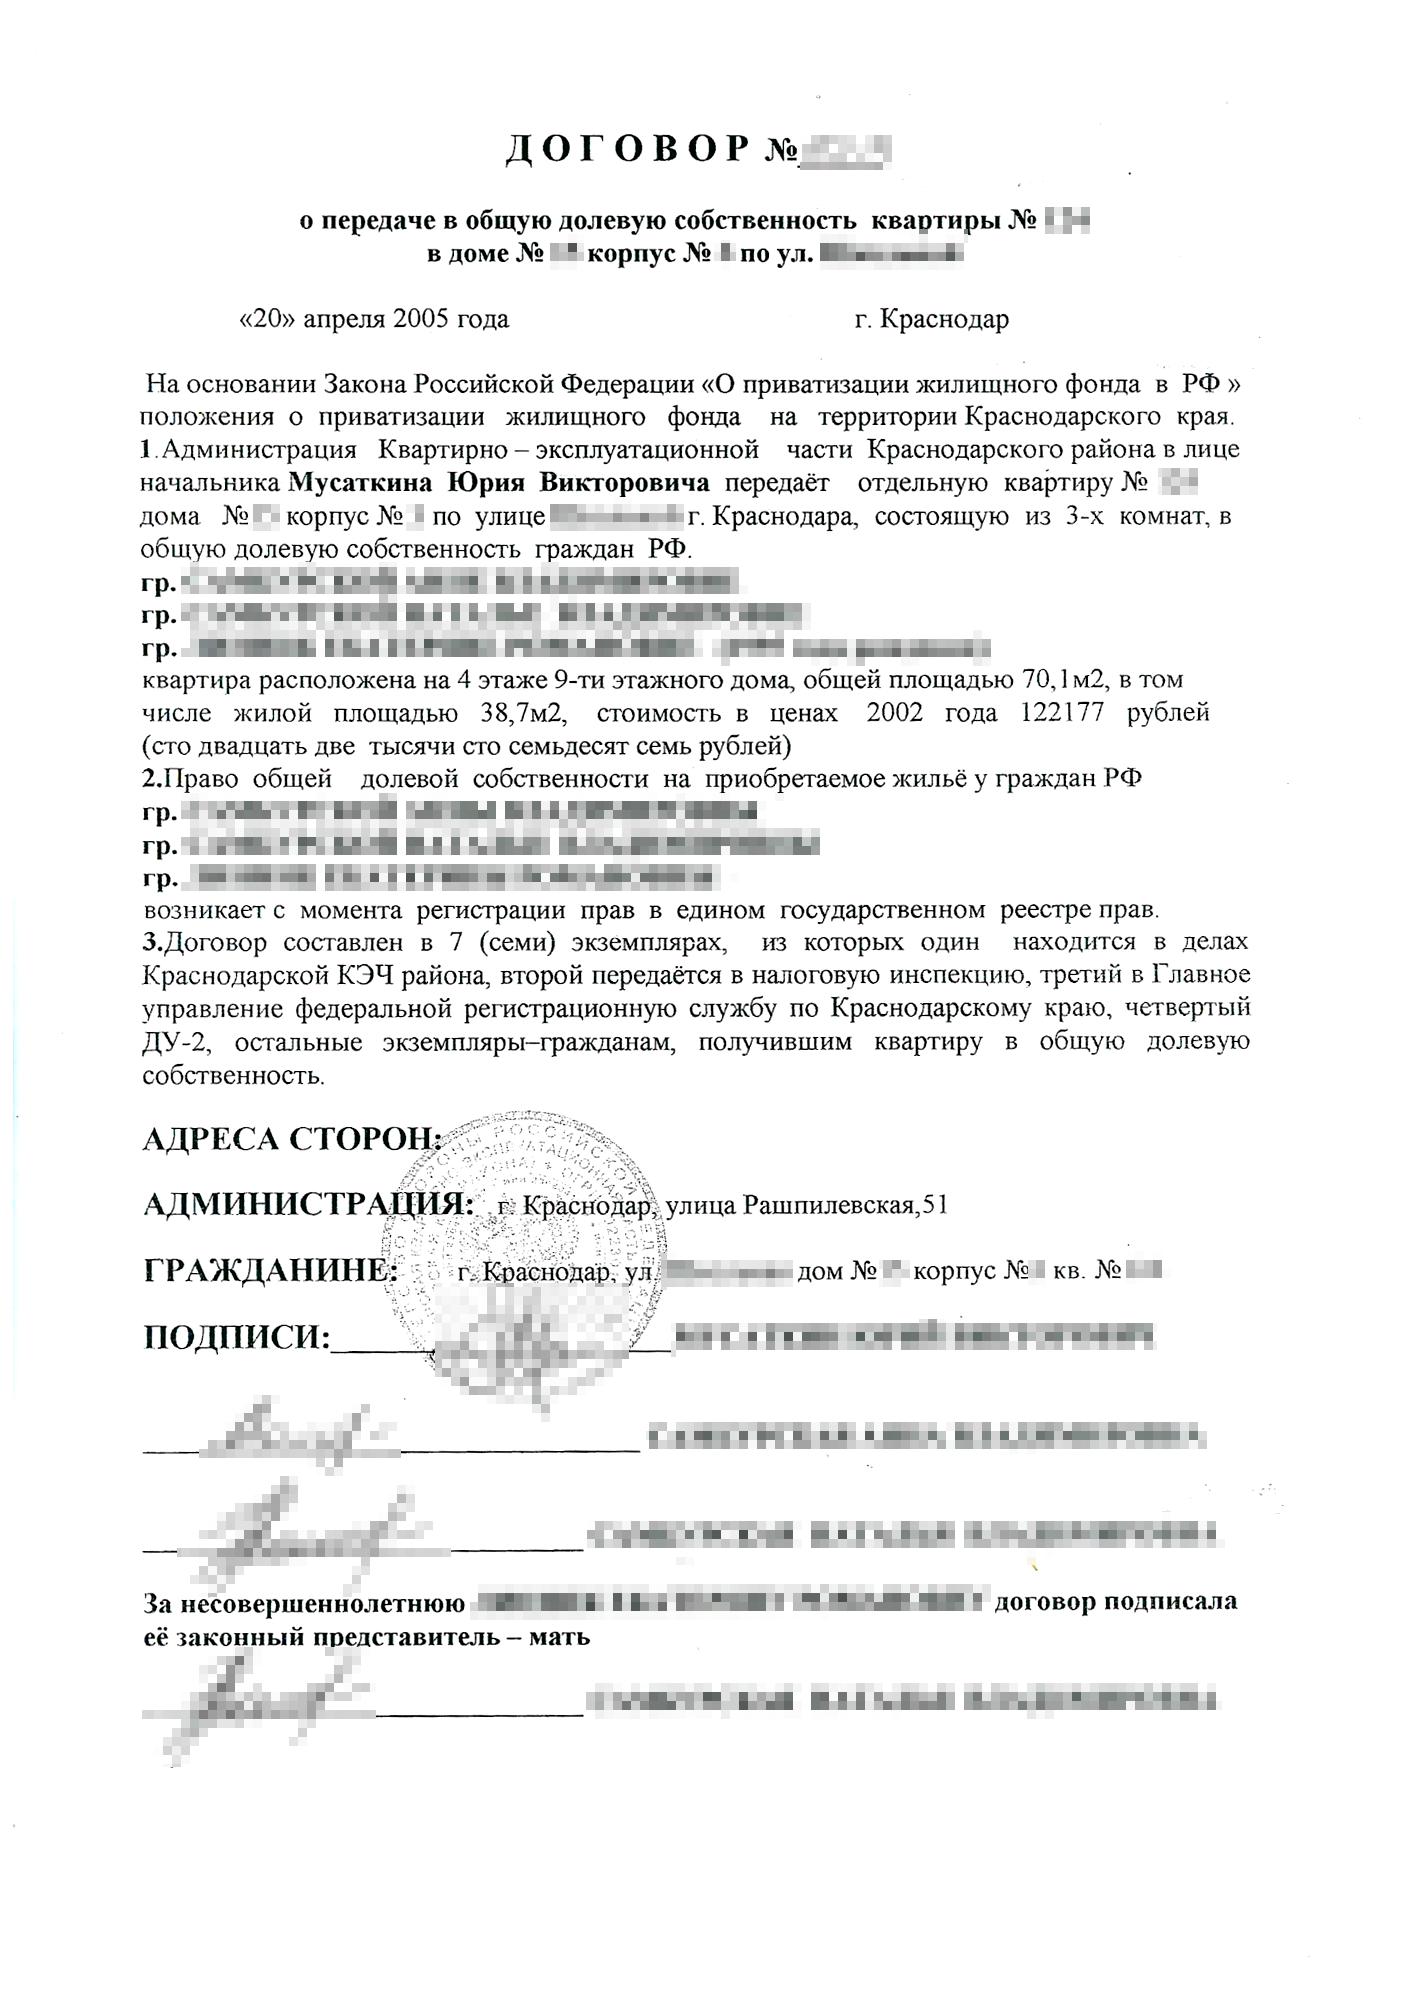 Как написать заявление на приватизацию квартиры: бланк и образец заполнения